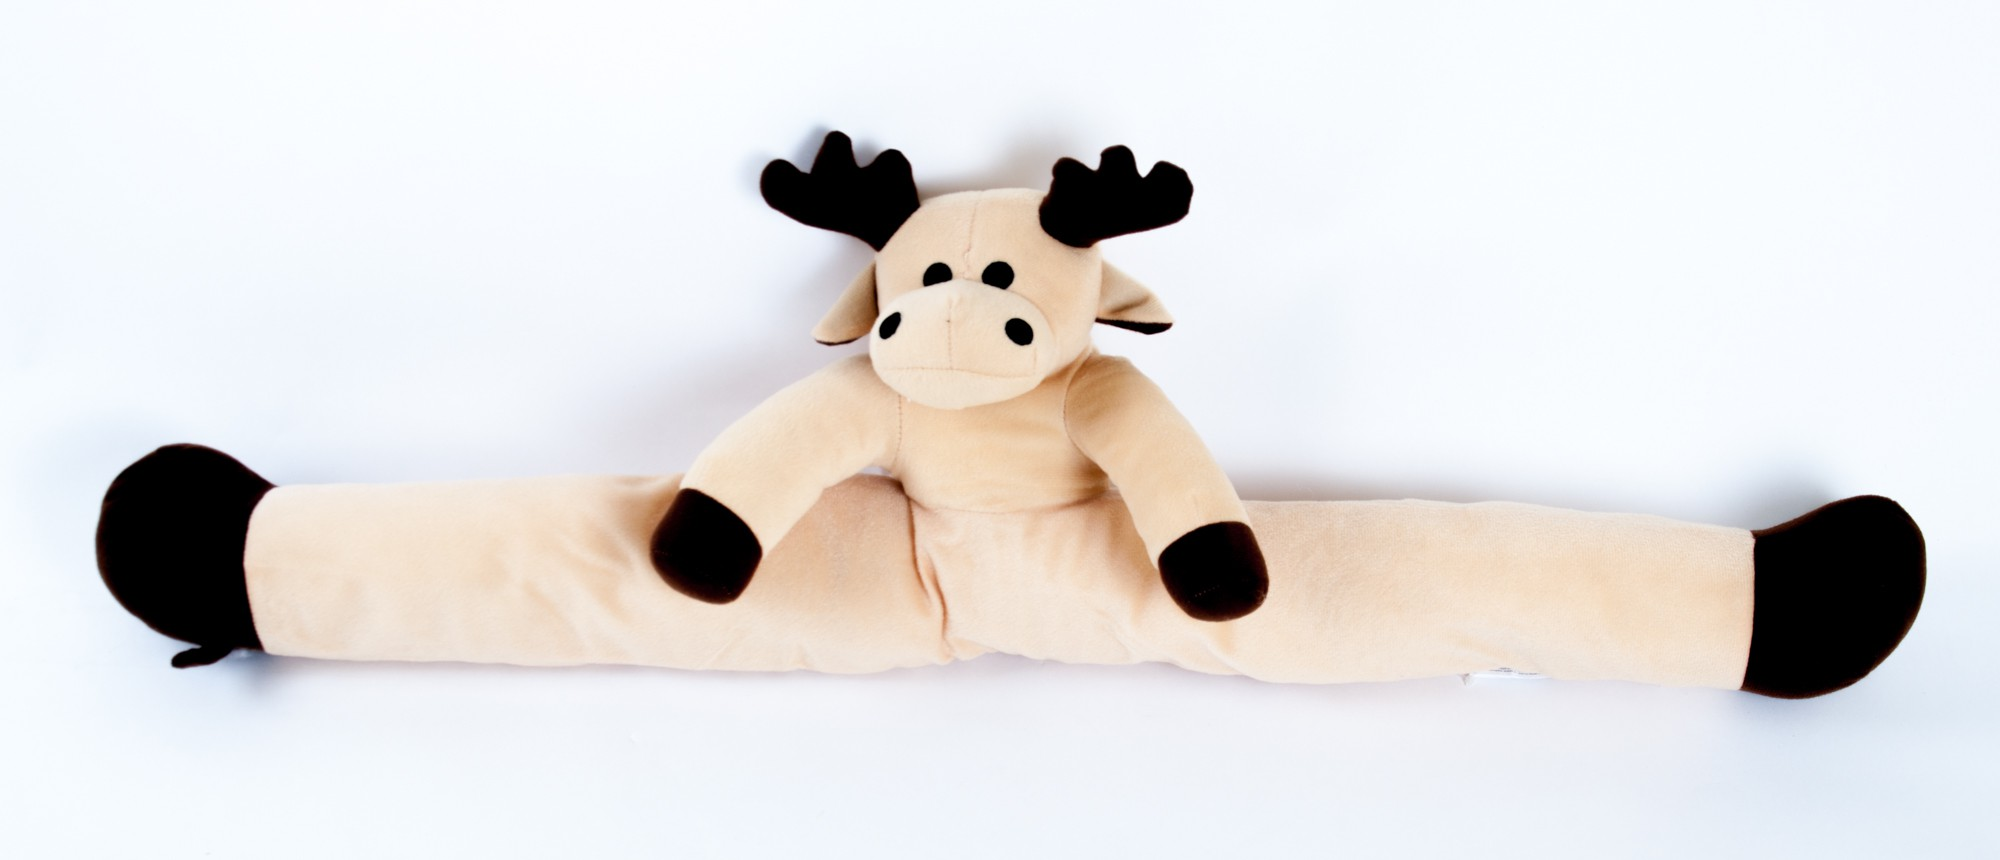 luftstopper zugluft t rschutz luftschutz zuglufttier. Black Bedroom Furniture Sets. Home Design Ideas